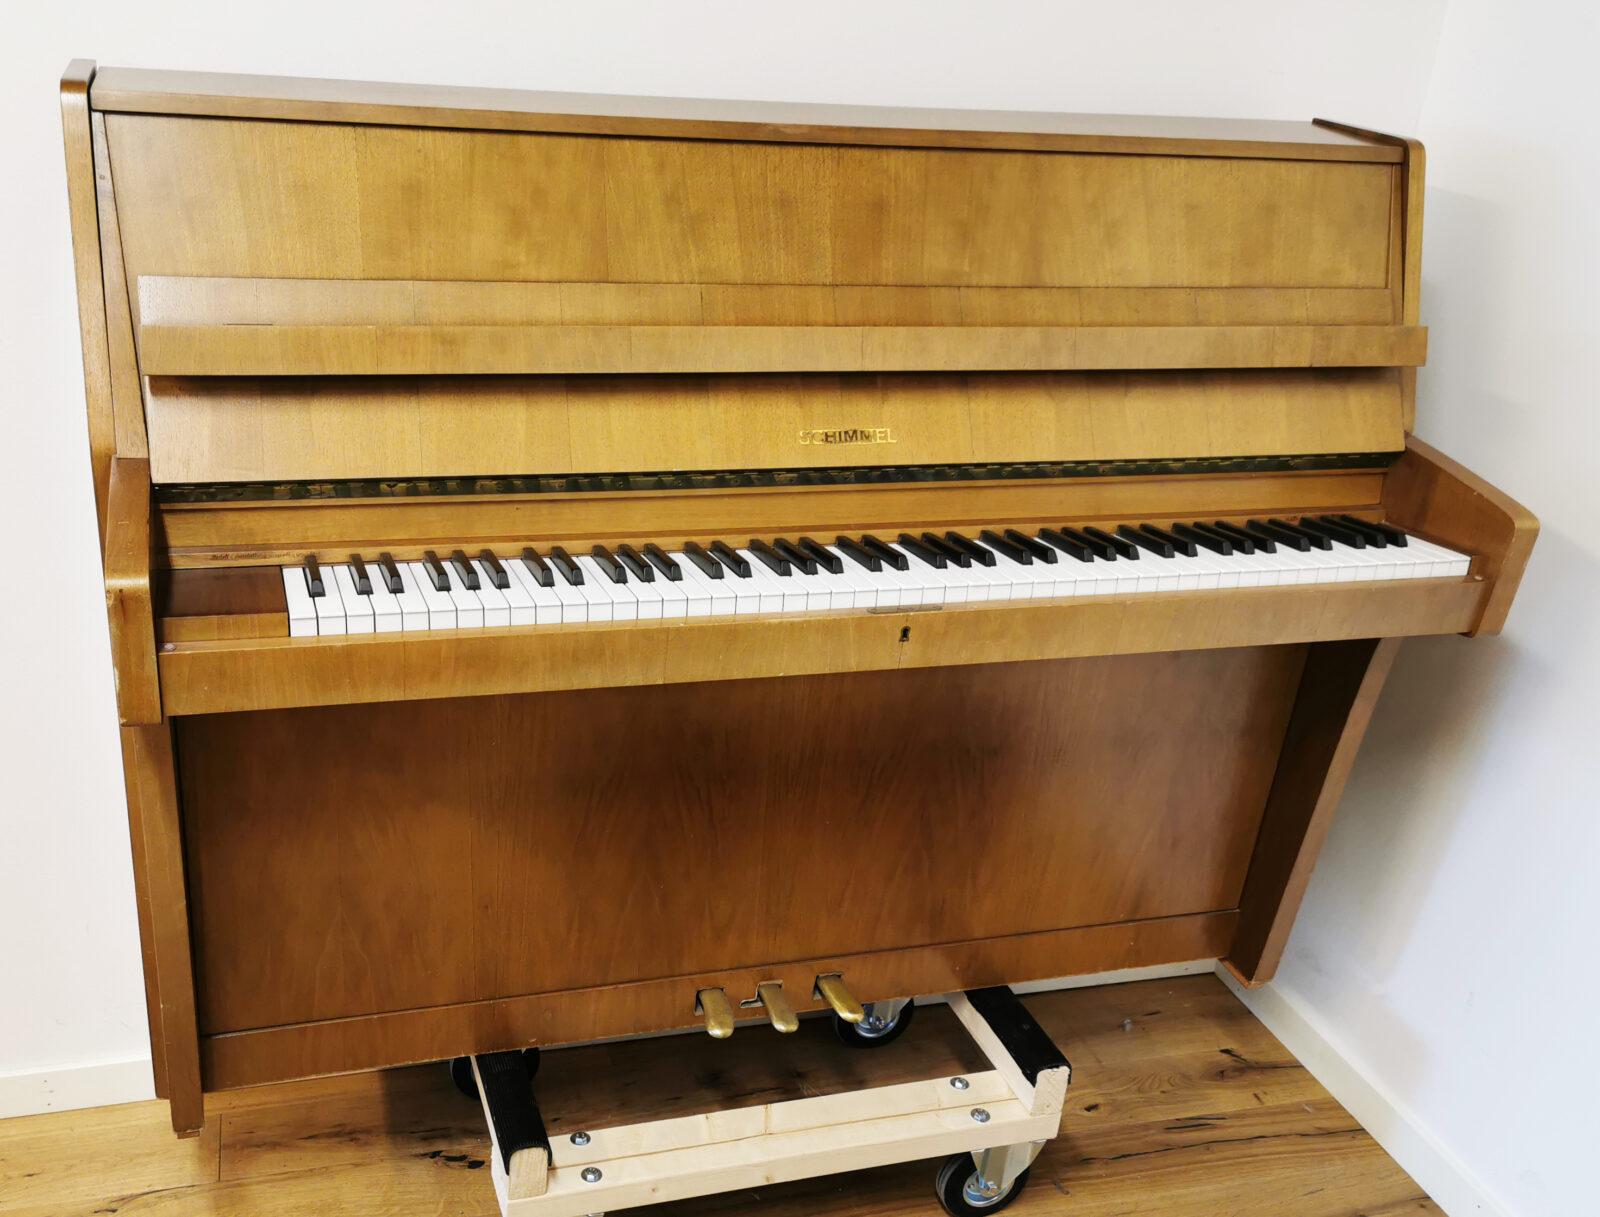 Schimmel modell 112 - Pianomagasinet